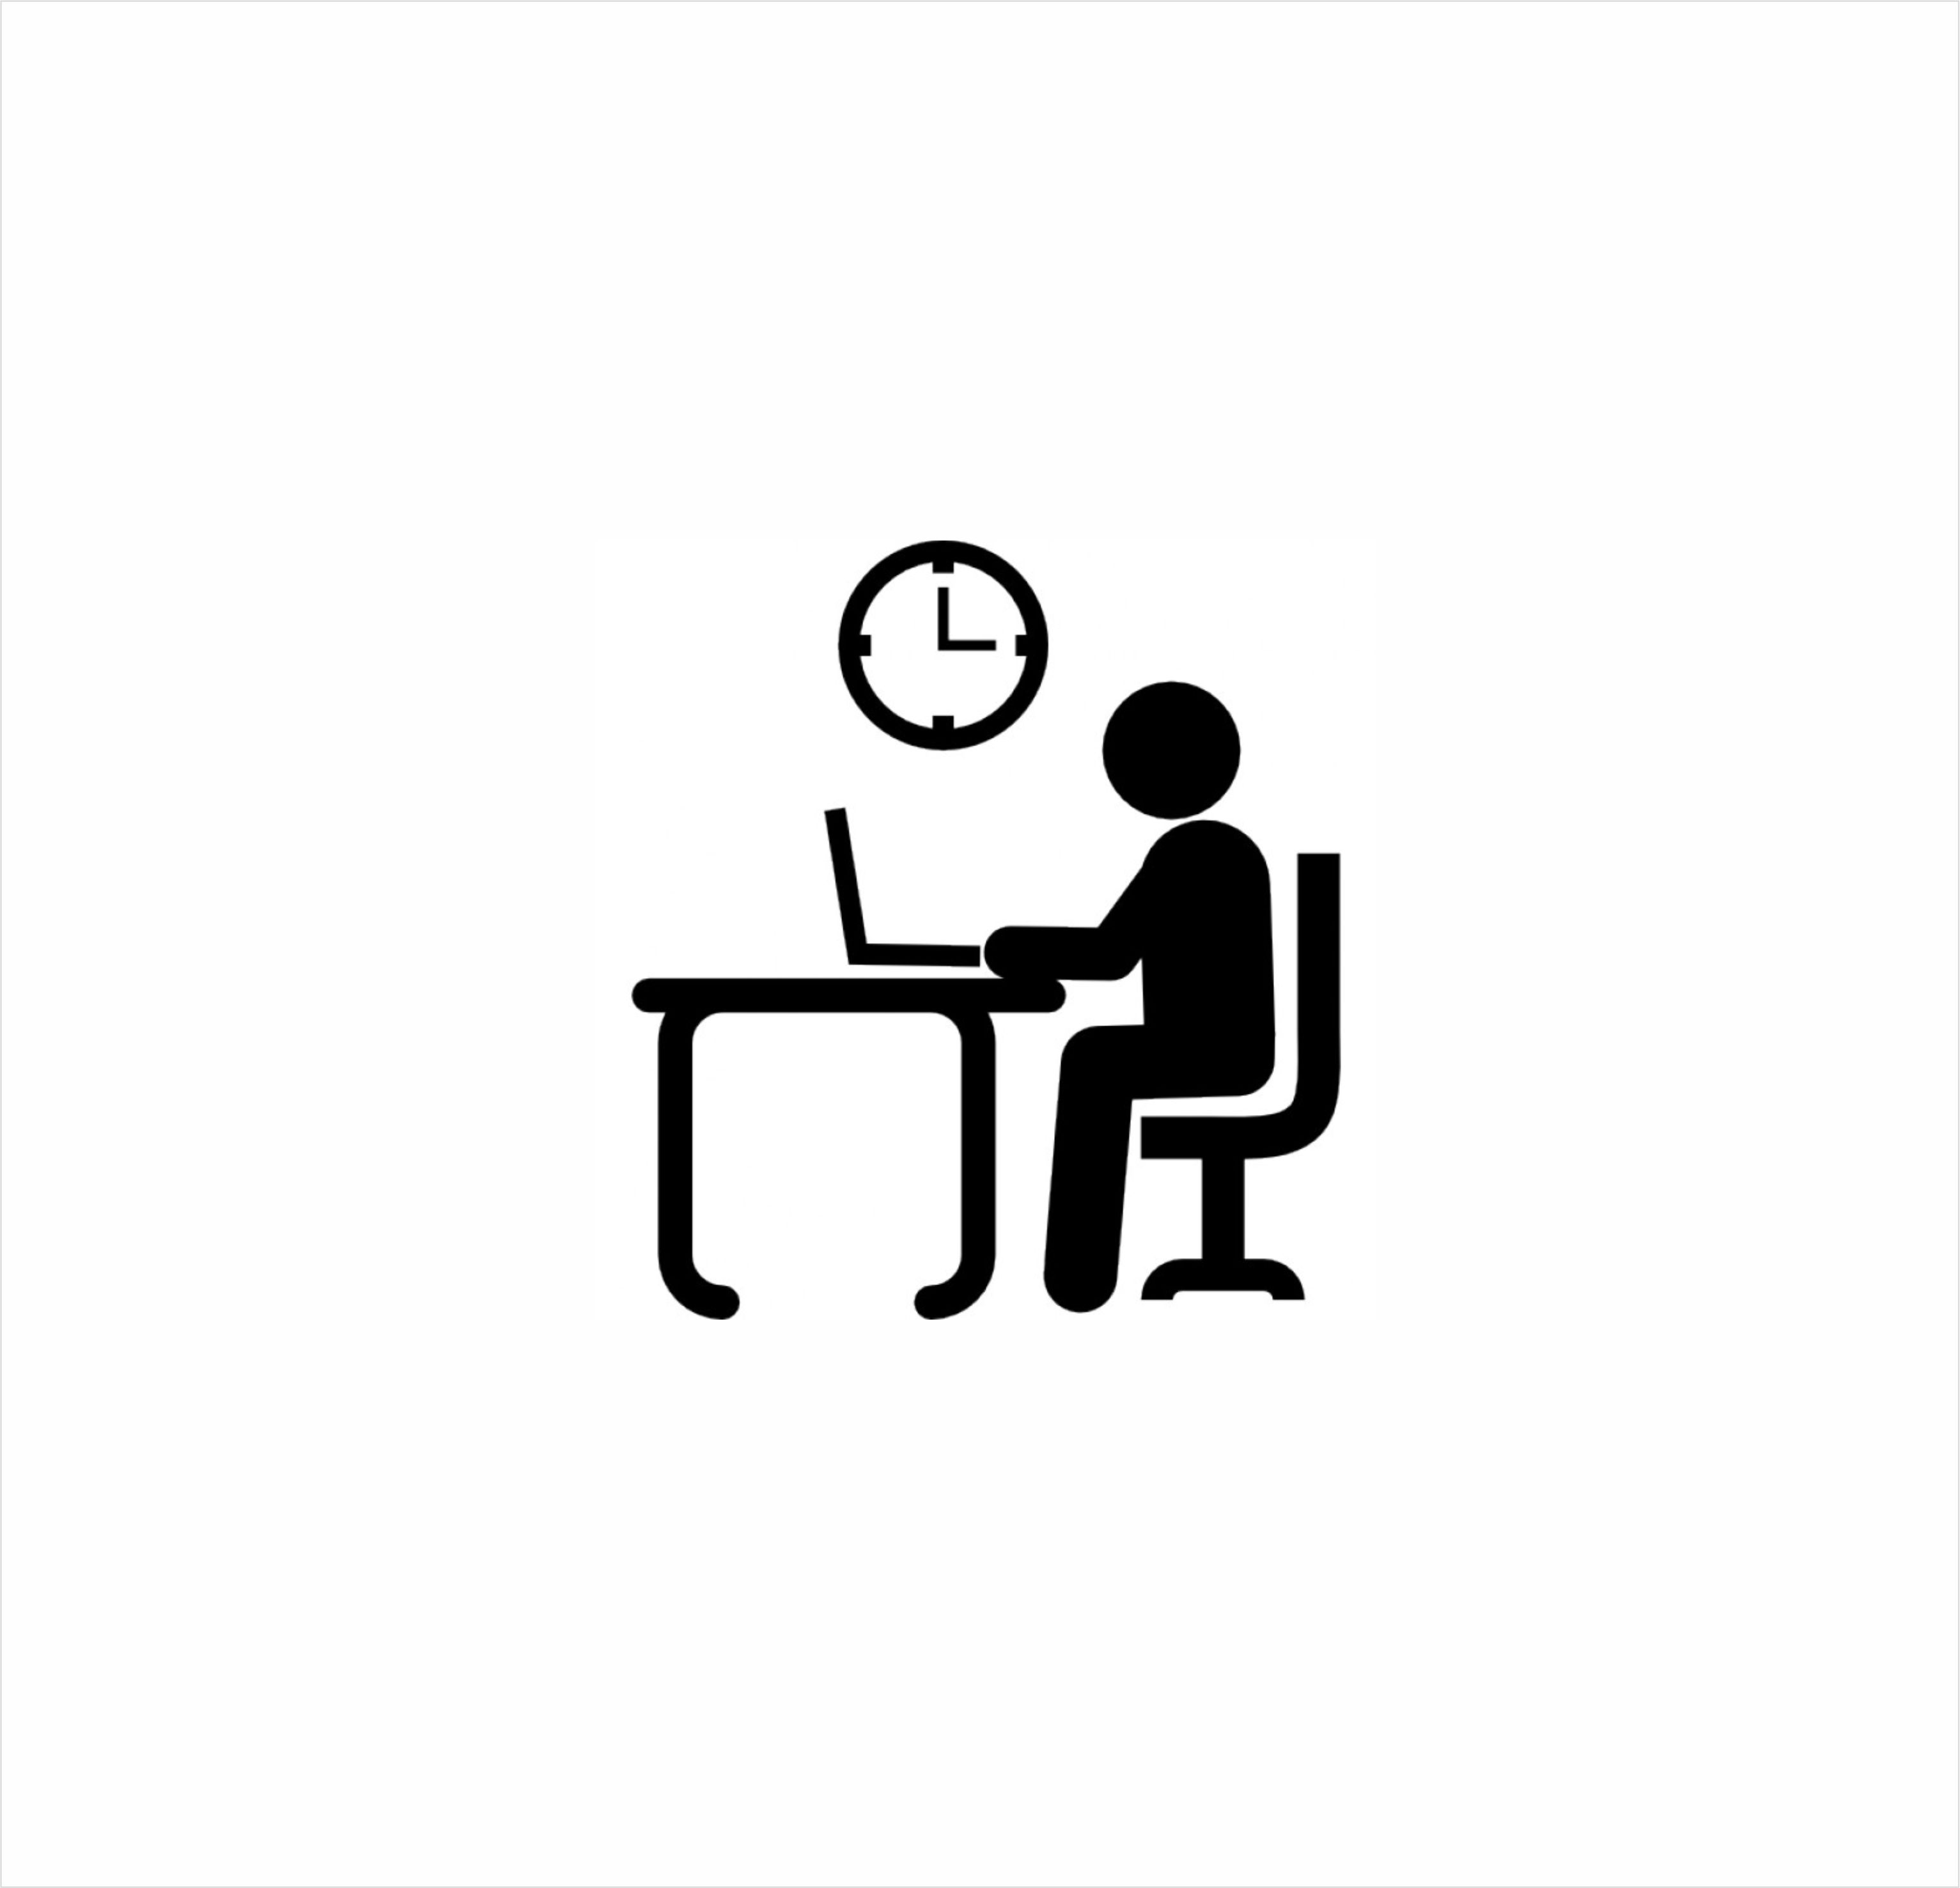 Дистанционная практикаПоддержка в режиме онлайн . Совместные сделки в реальном режиме времени помогут закрепить навыки теханализа